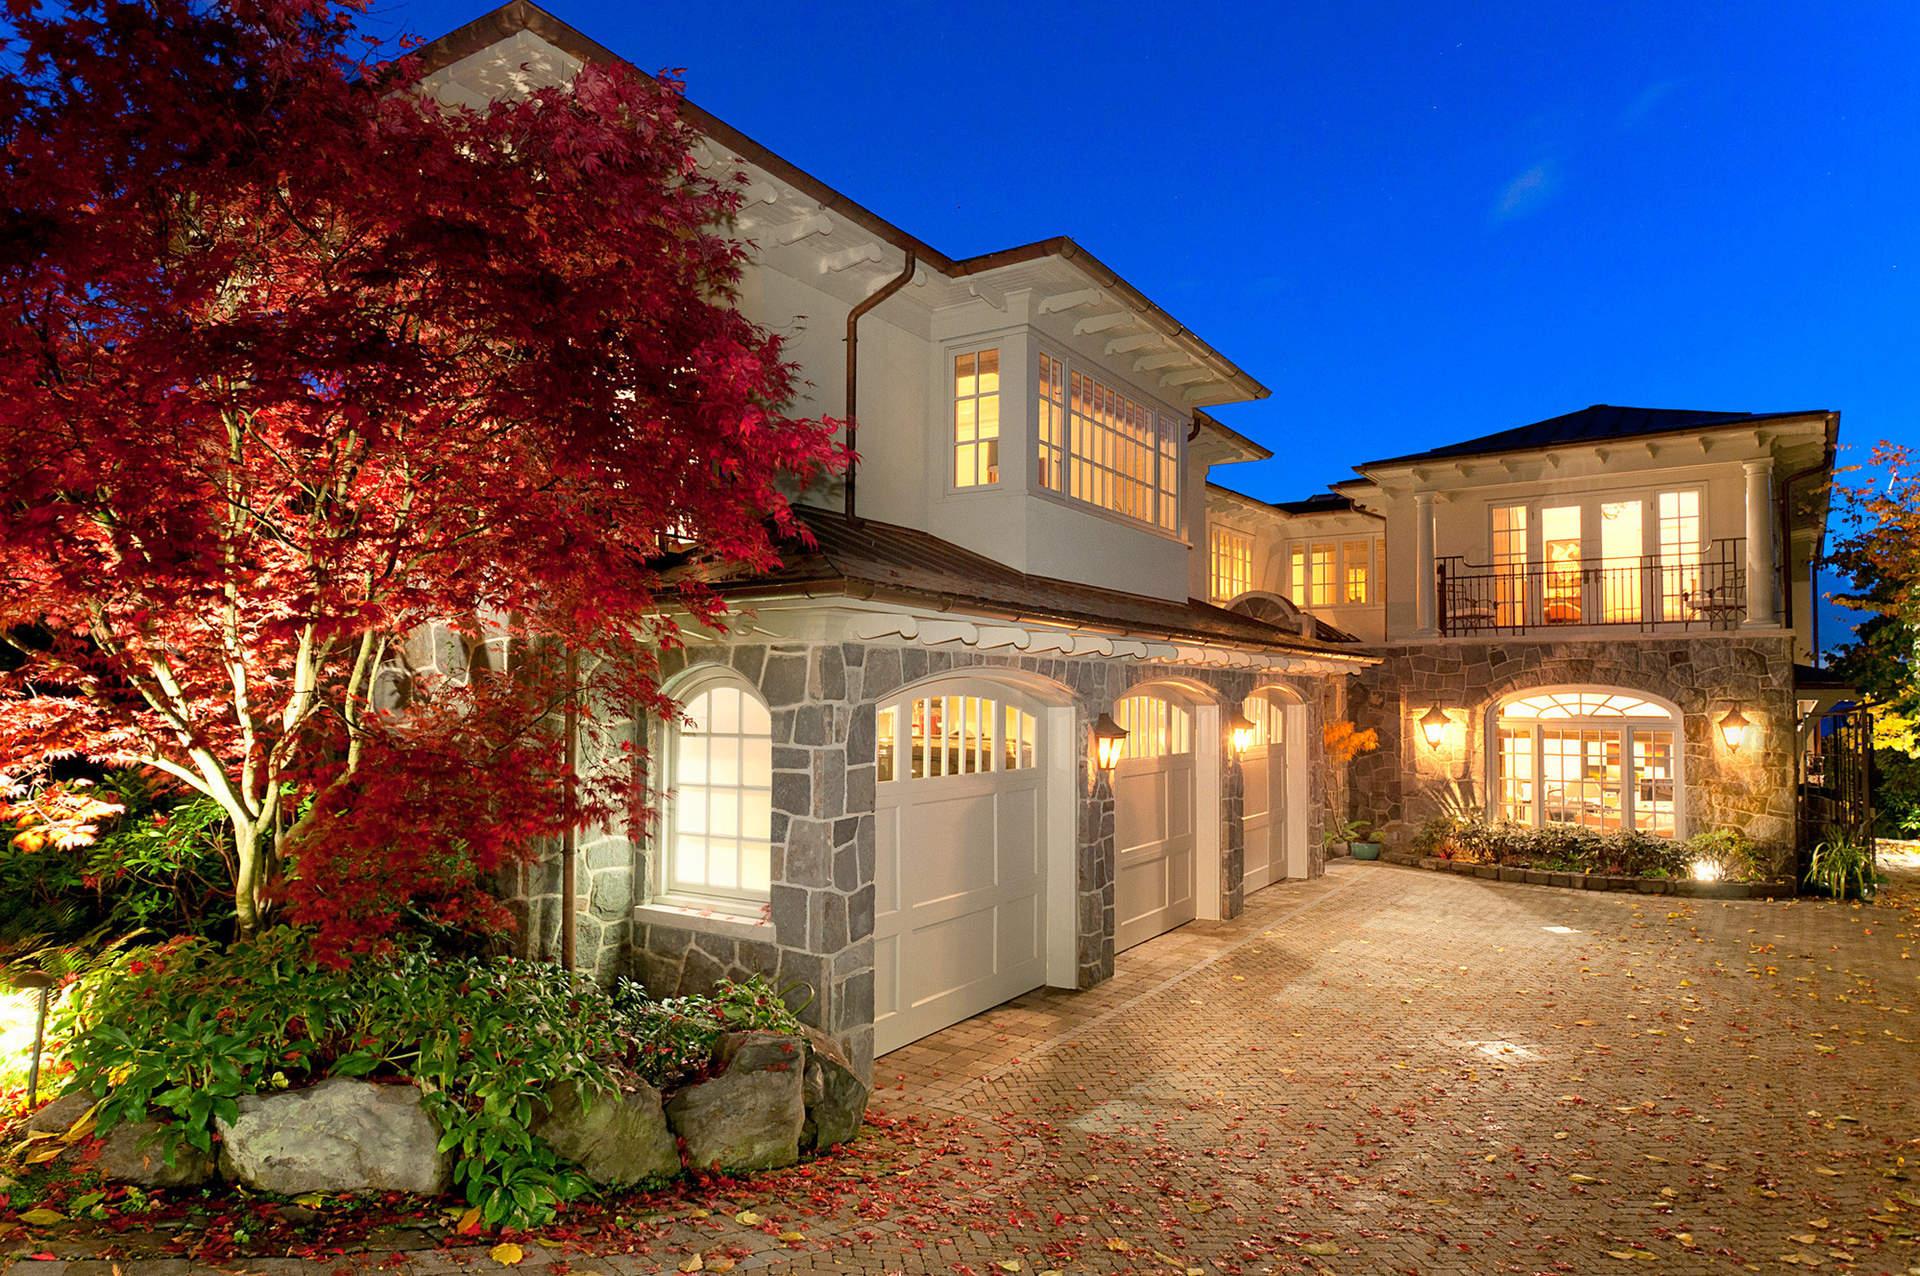 100 home design show vancouver 100 home design show